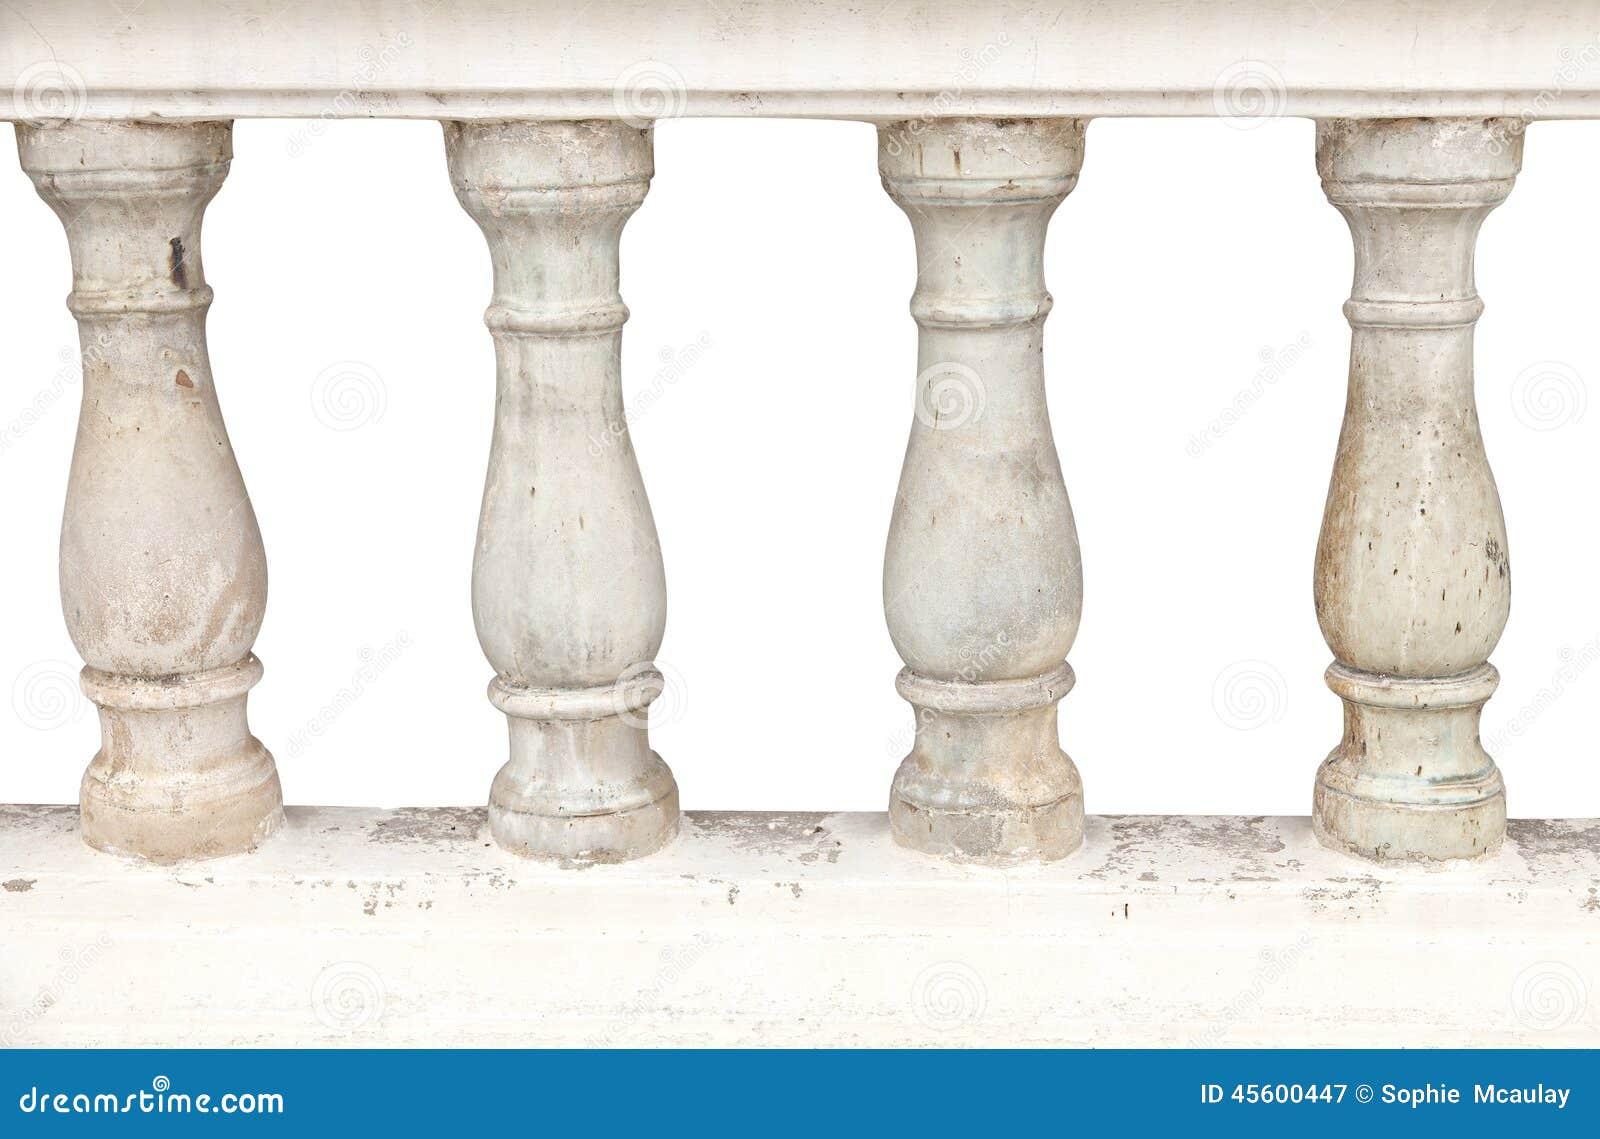 石细长立柱柱子图片